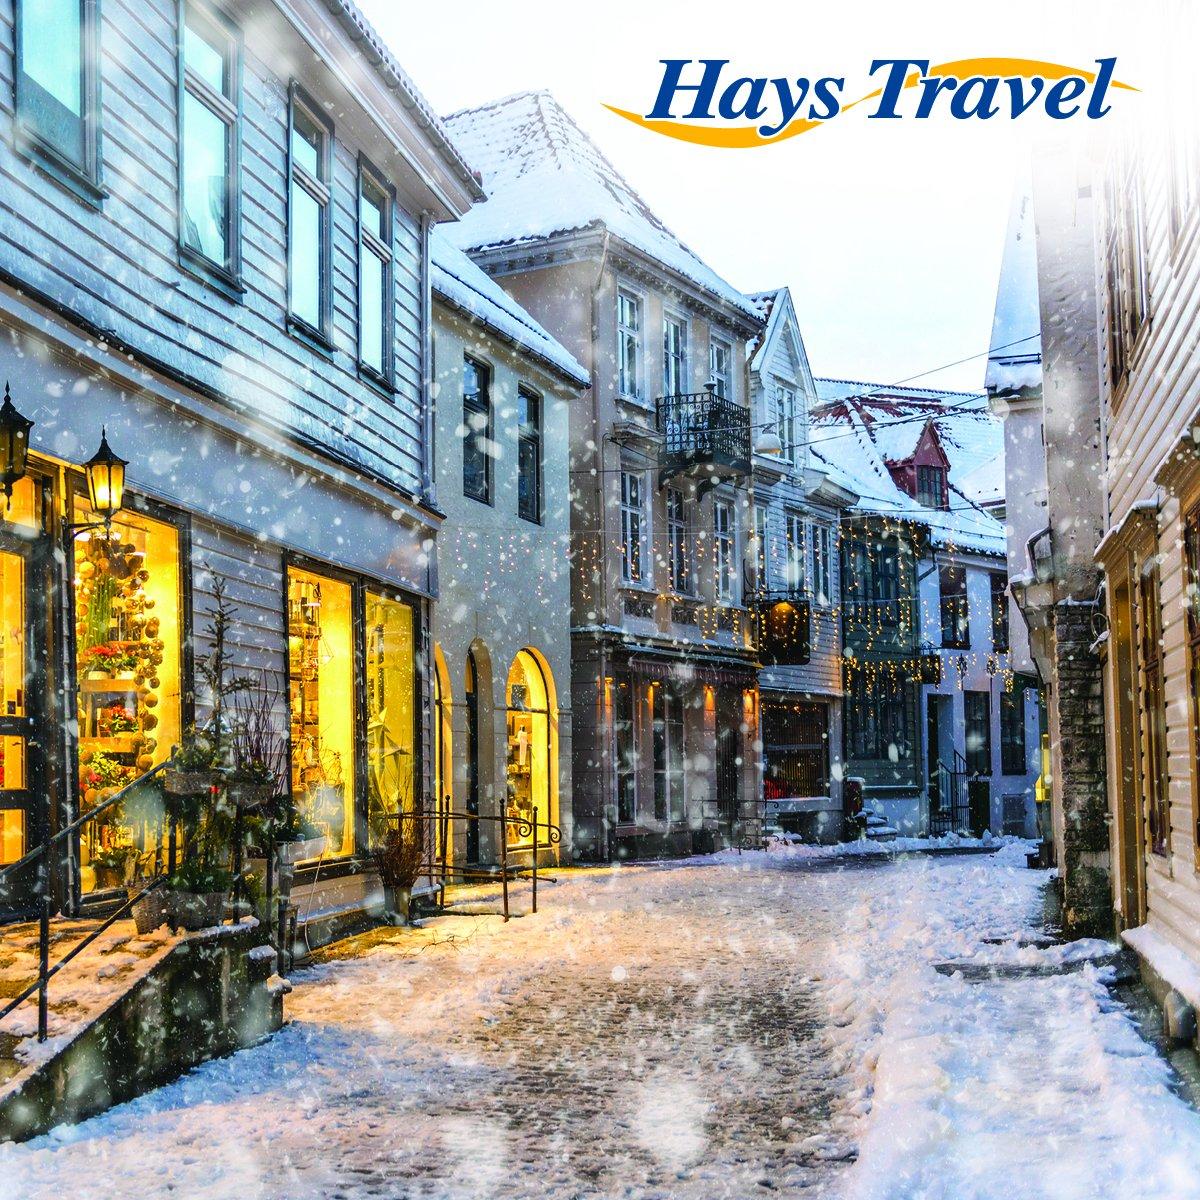 hays travel - photo #9